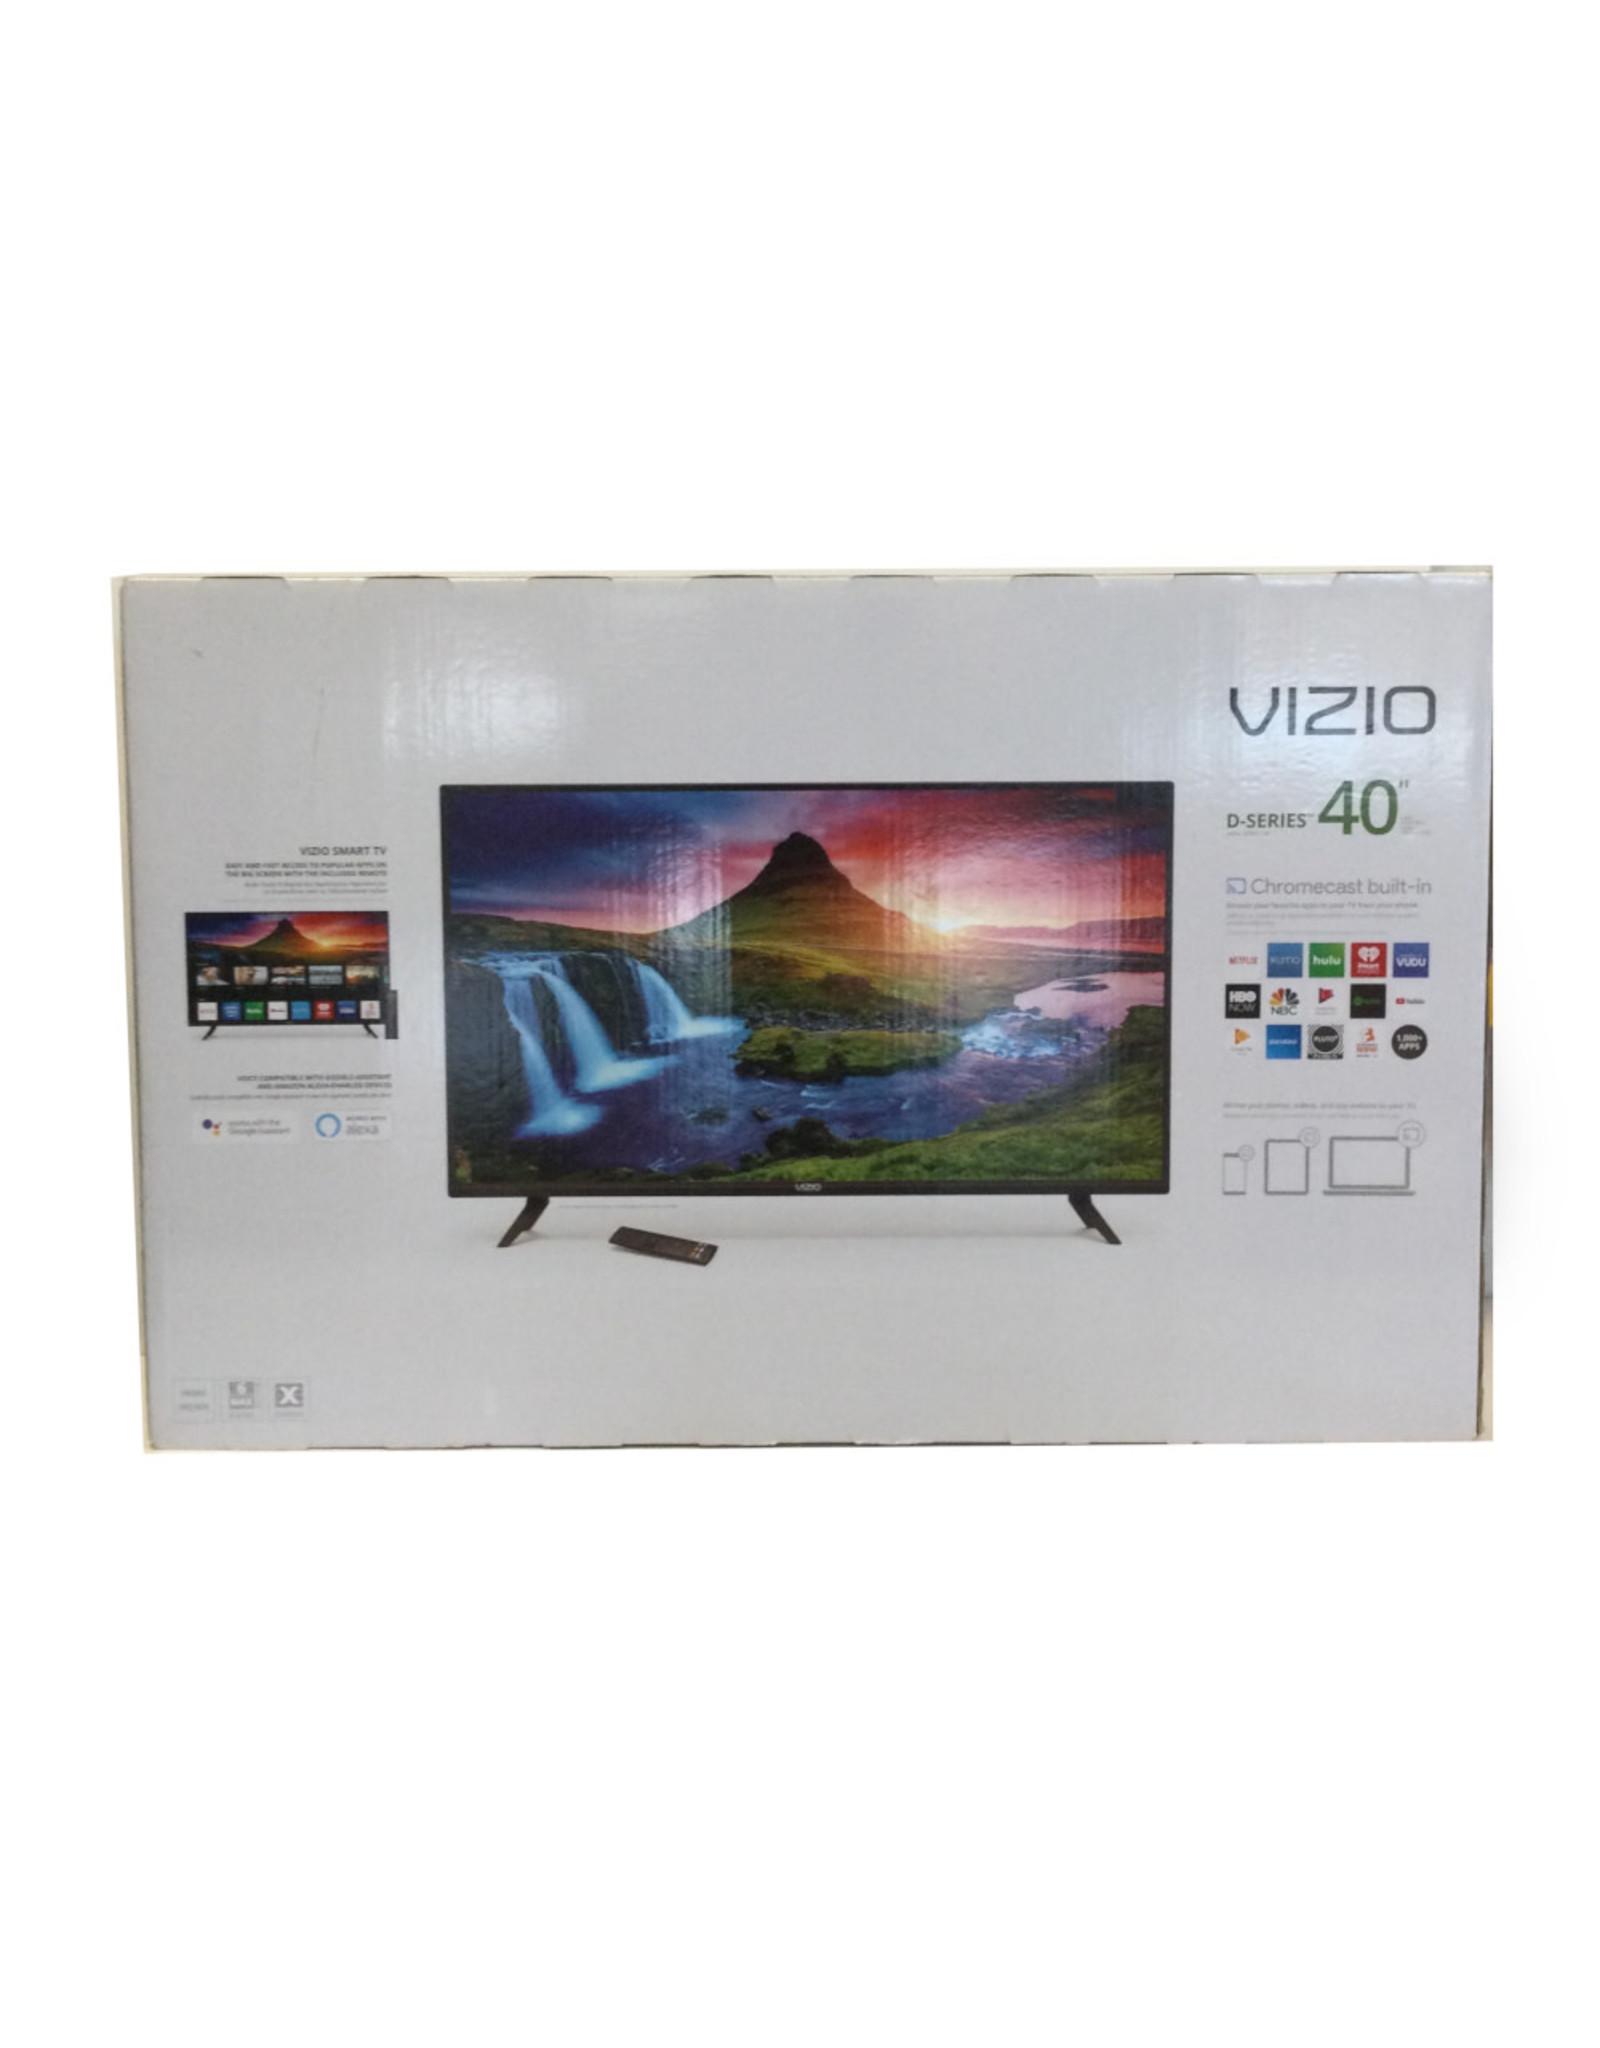 VIZIO VIZIO 40 inch Class D-Series LED Full 1080P HD SmartCast TV - D40F-G9 - New Seal